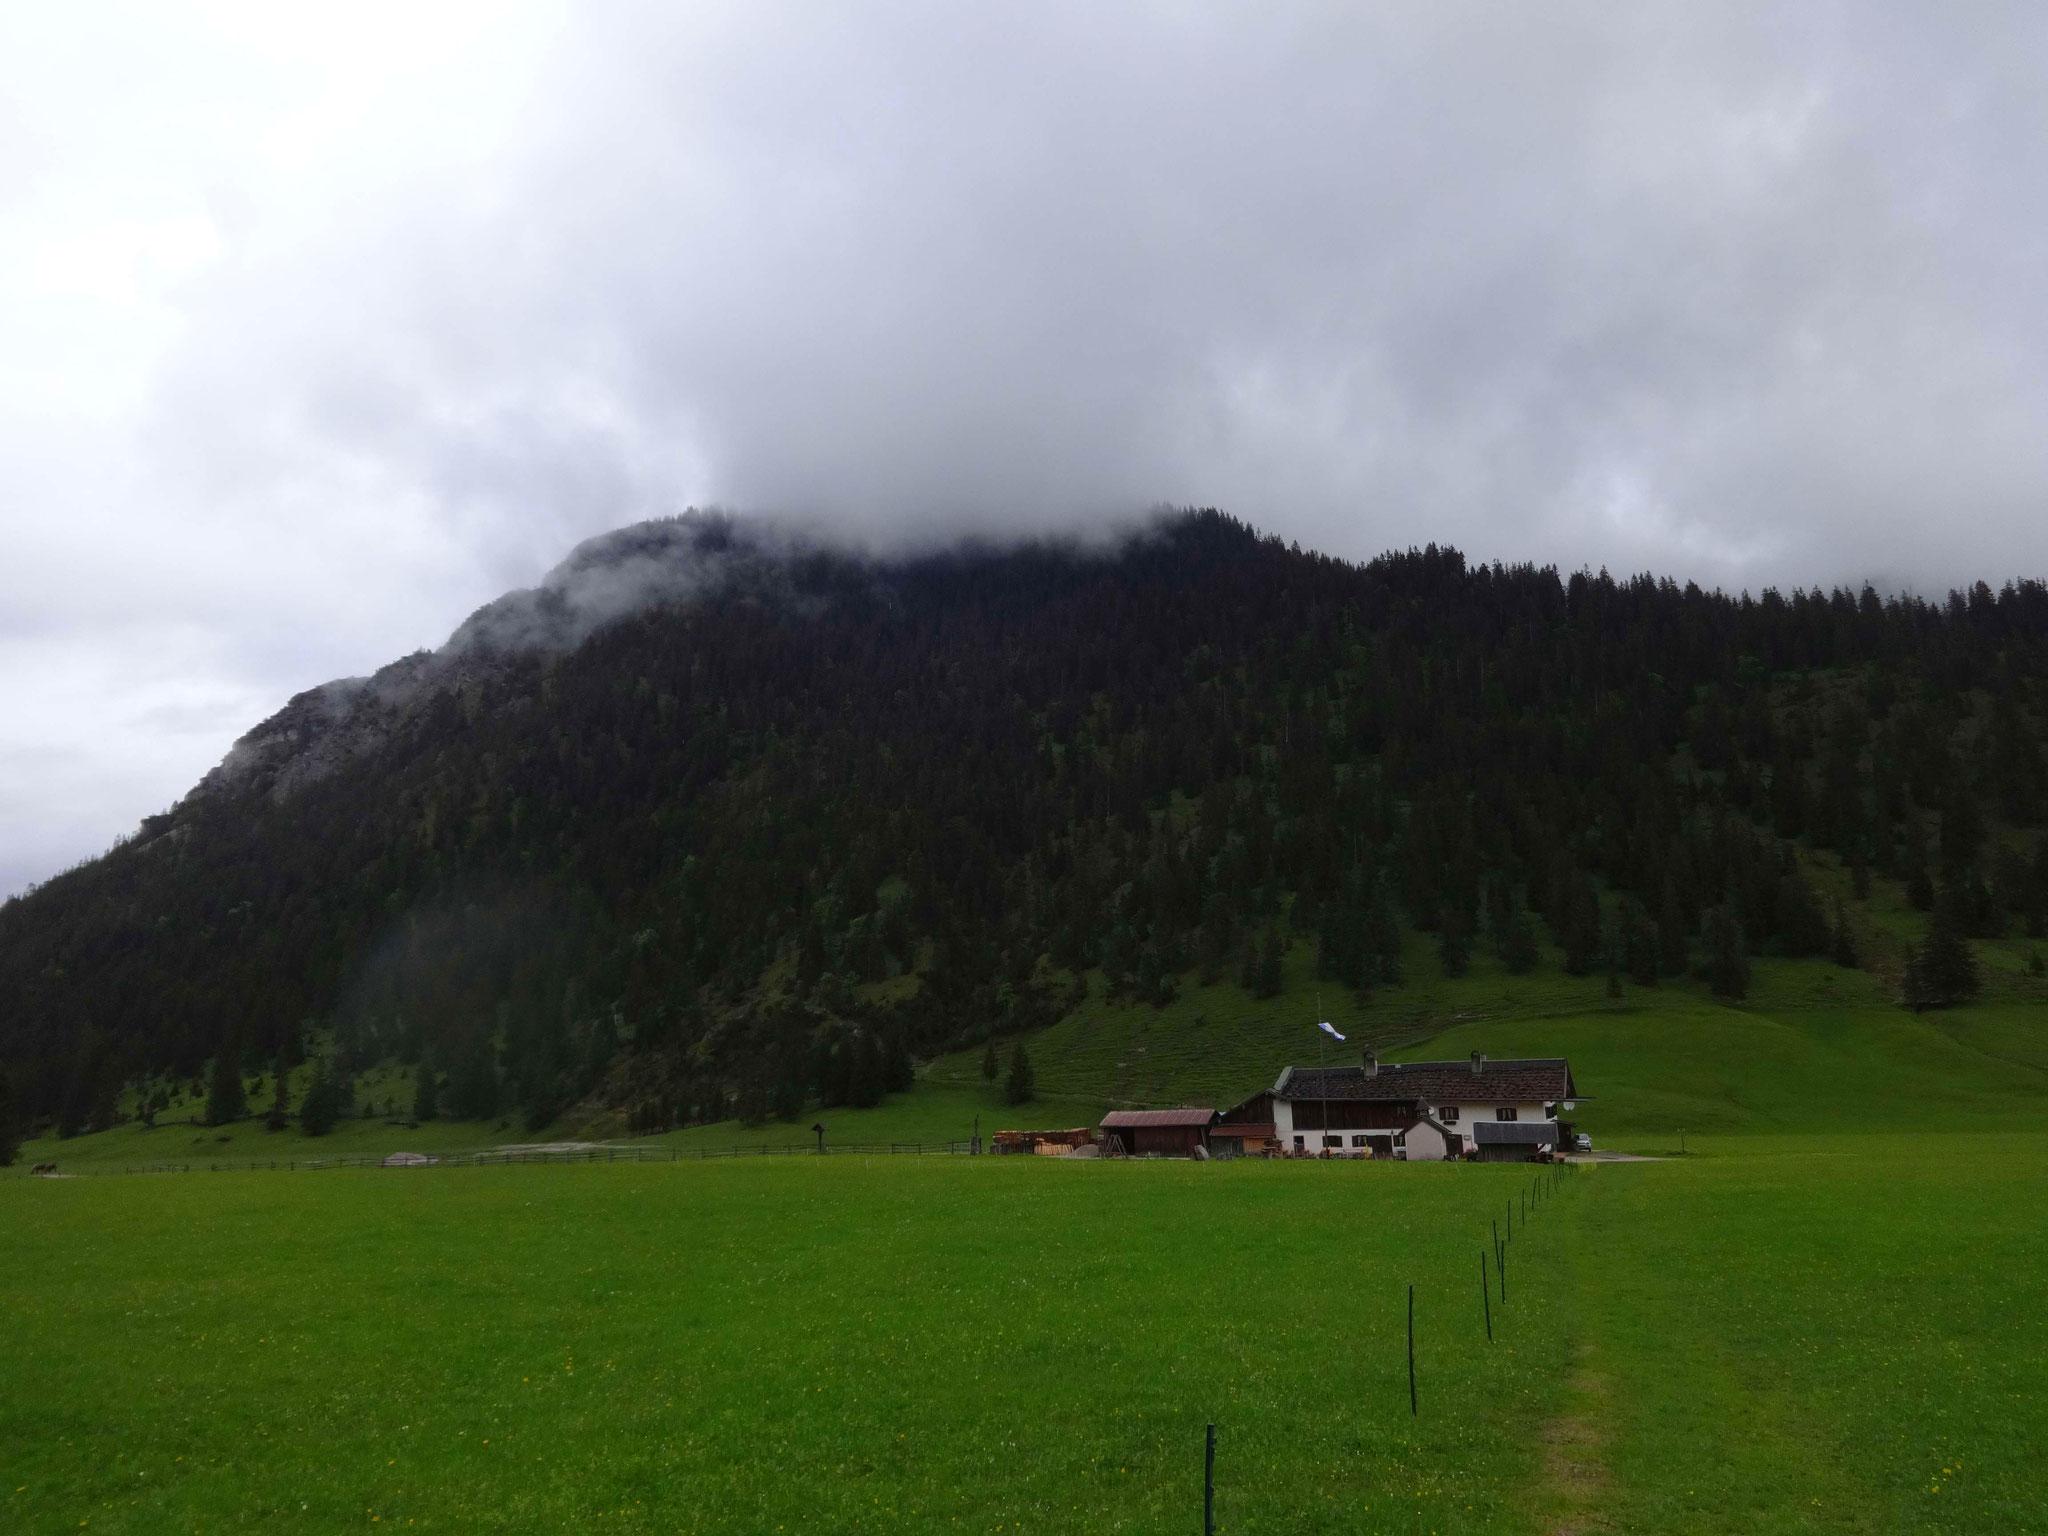 ...bis zum Almgasthof Esterberg. Im Hintergrund ist der Hohe Fricken verdeckt.